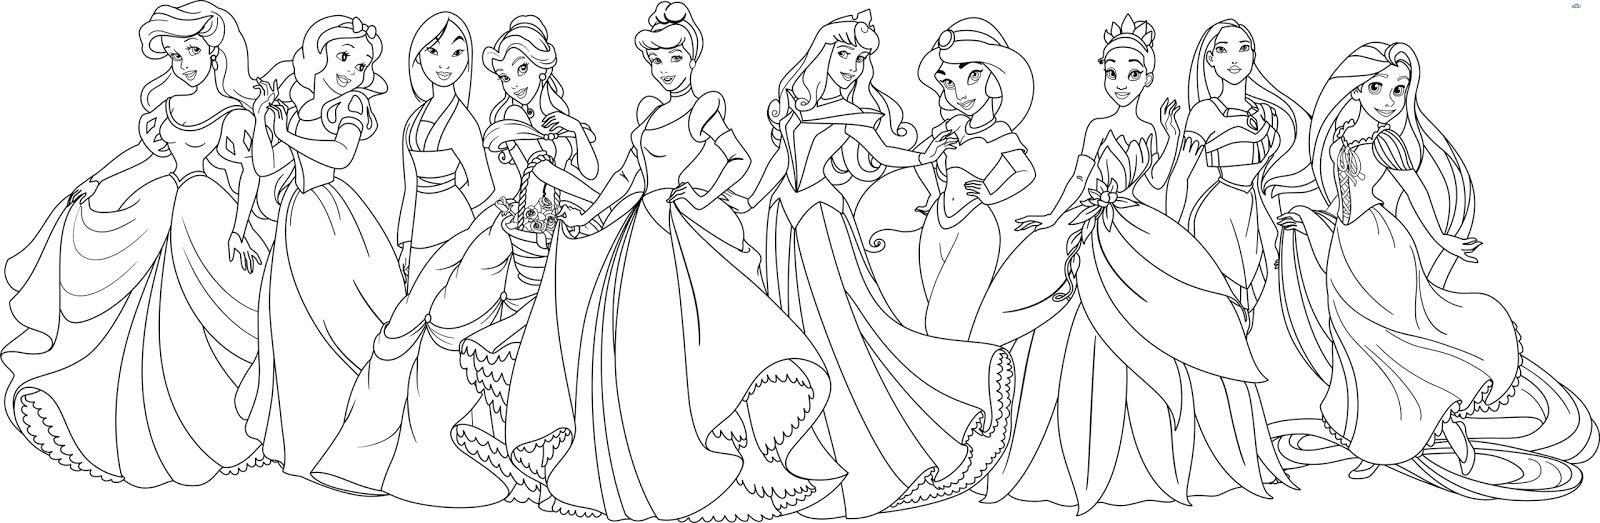 раскраски принцессы дисней распечатать бесплатно 10 принцесс